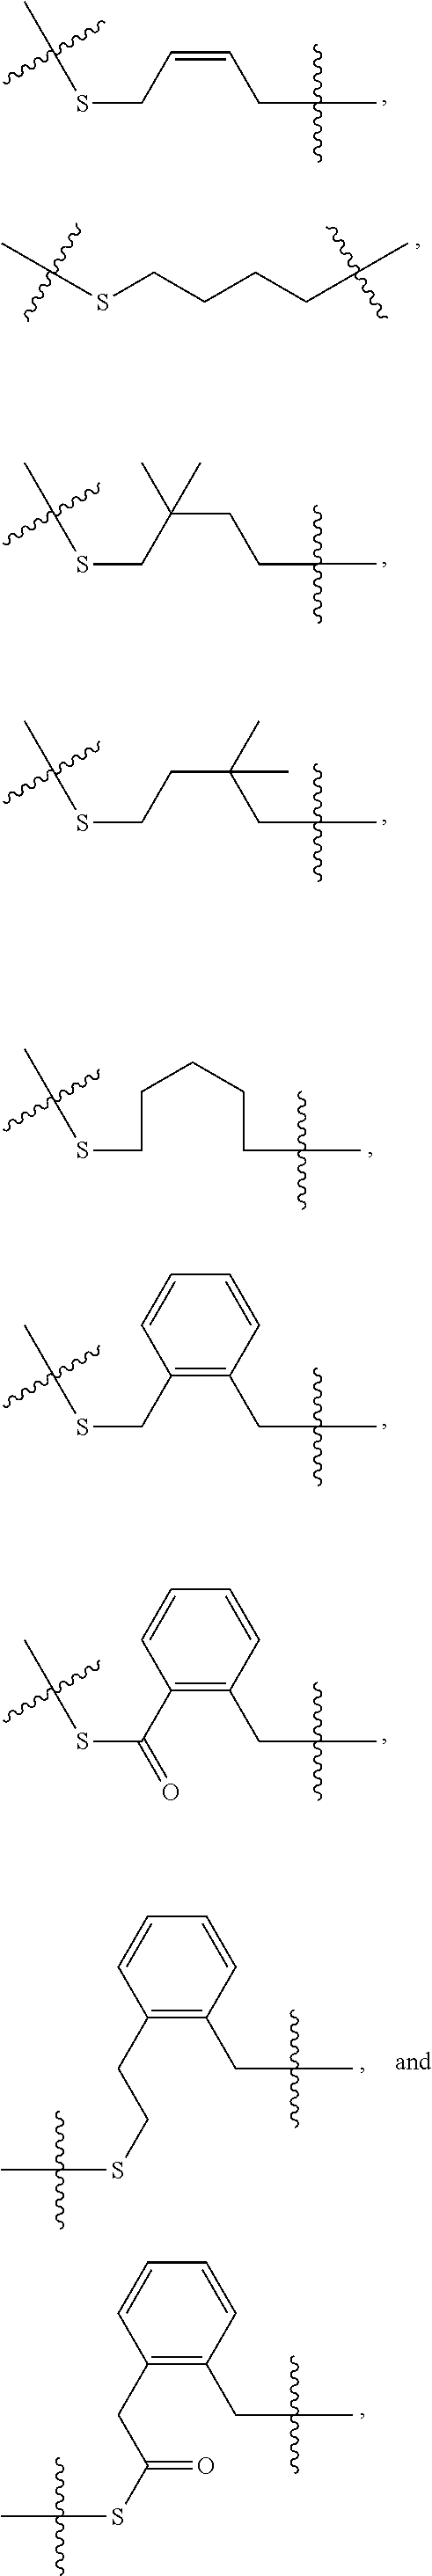 Figure US09982257-20180529-C00035